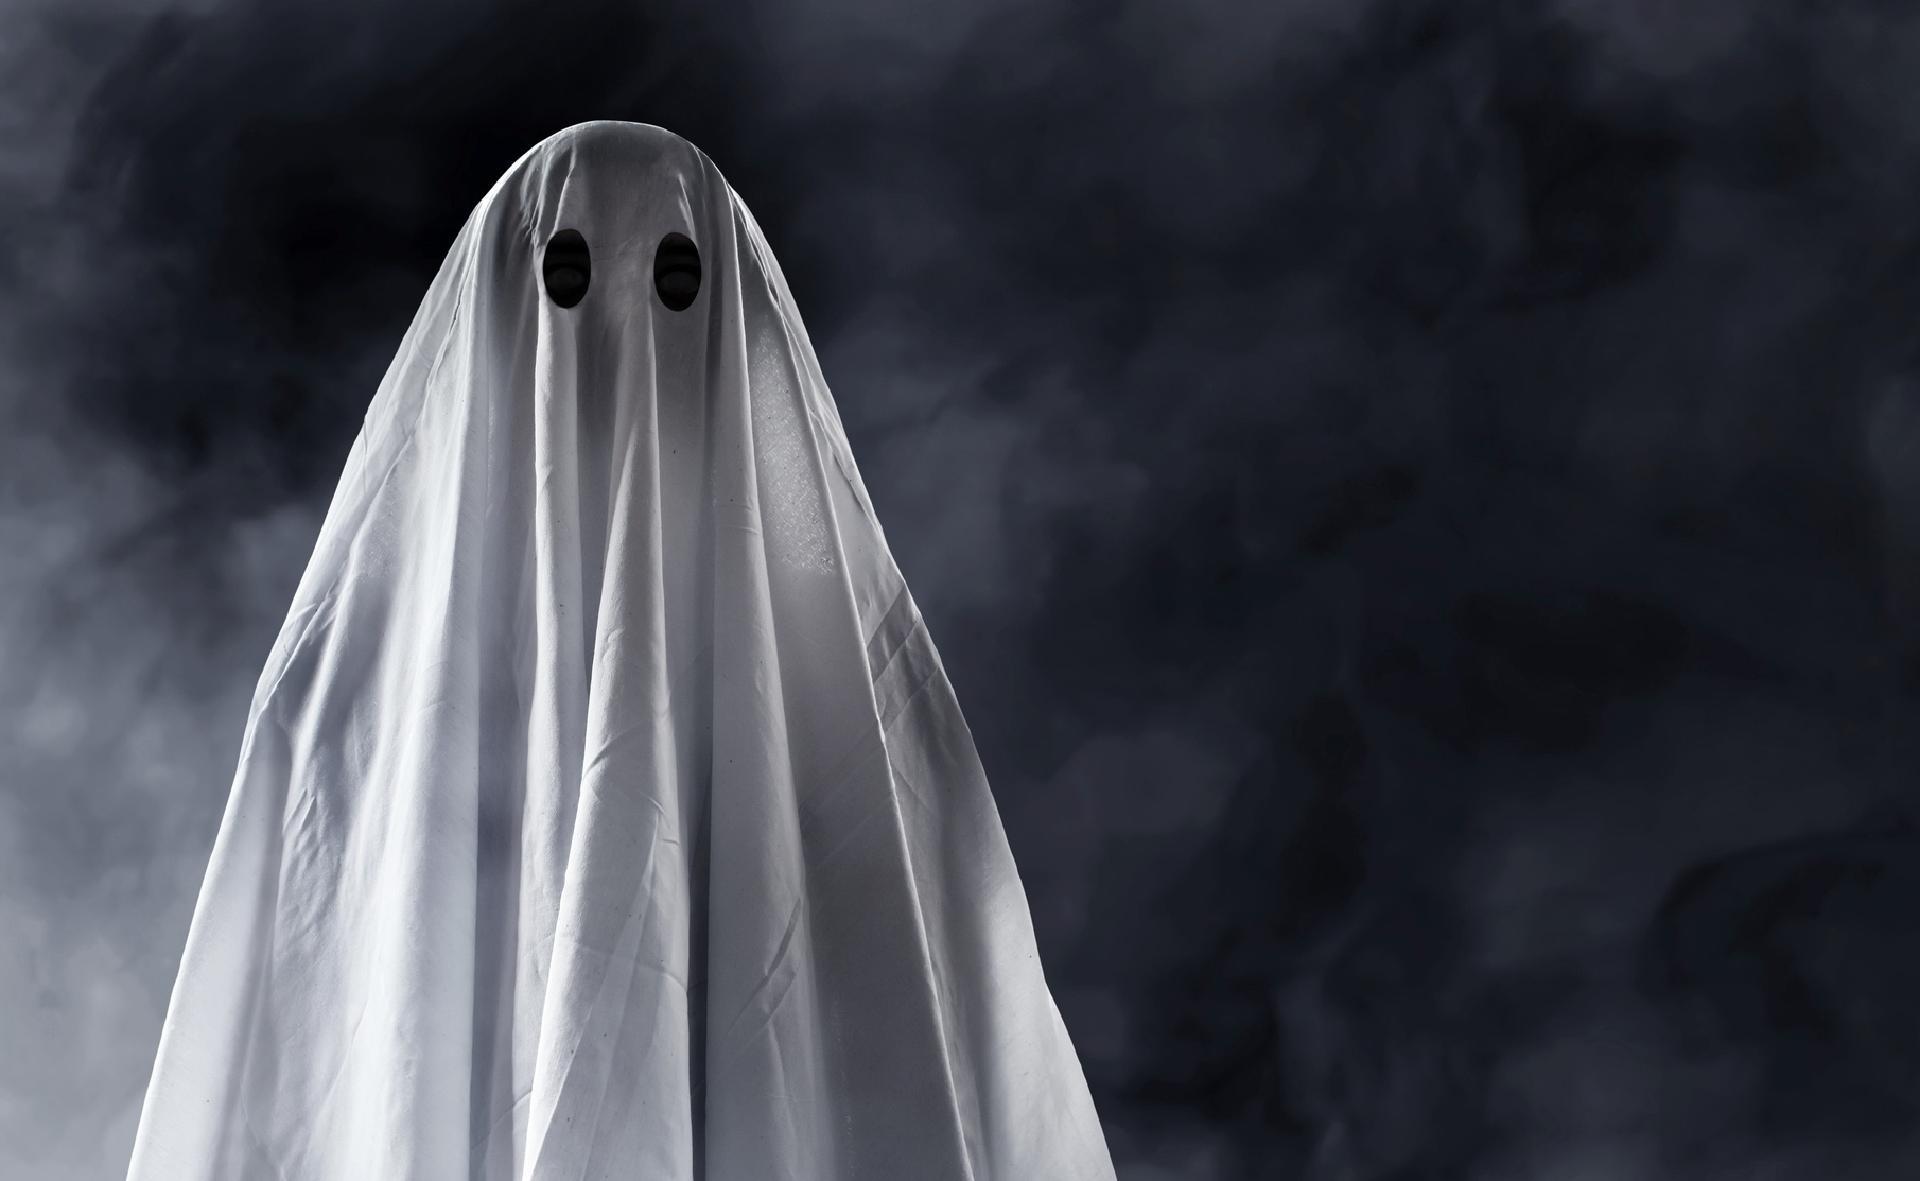 Histórias assustadoras para contar no escuro - O fantasma ganancioso